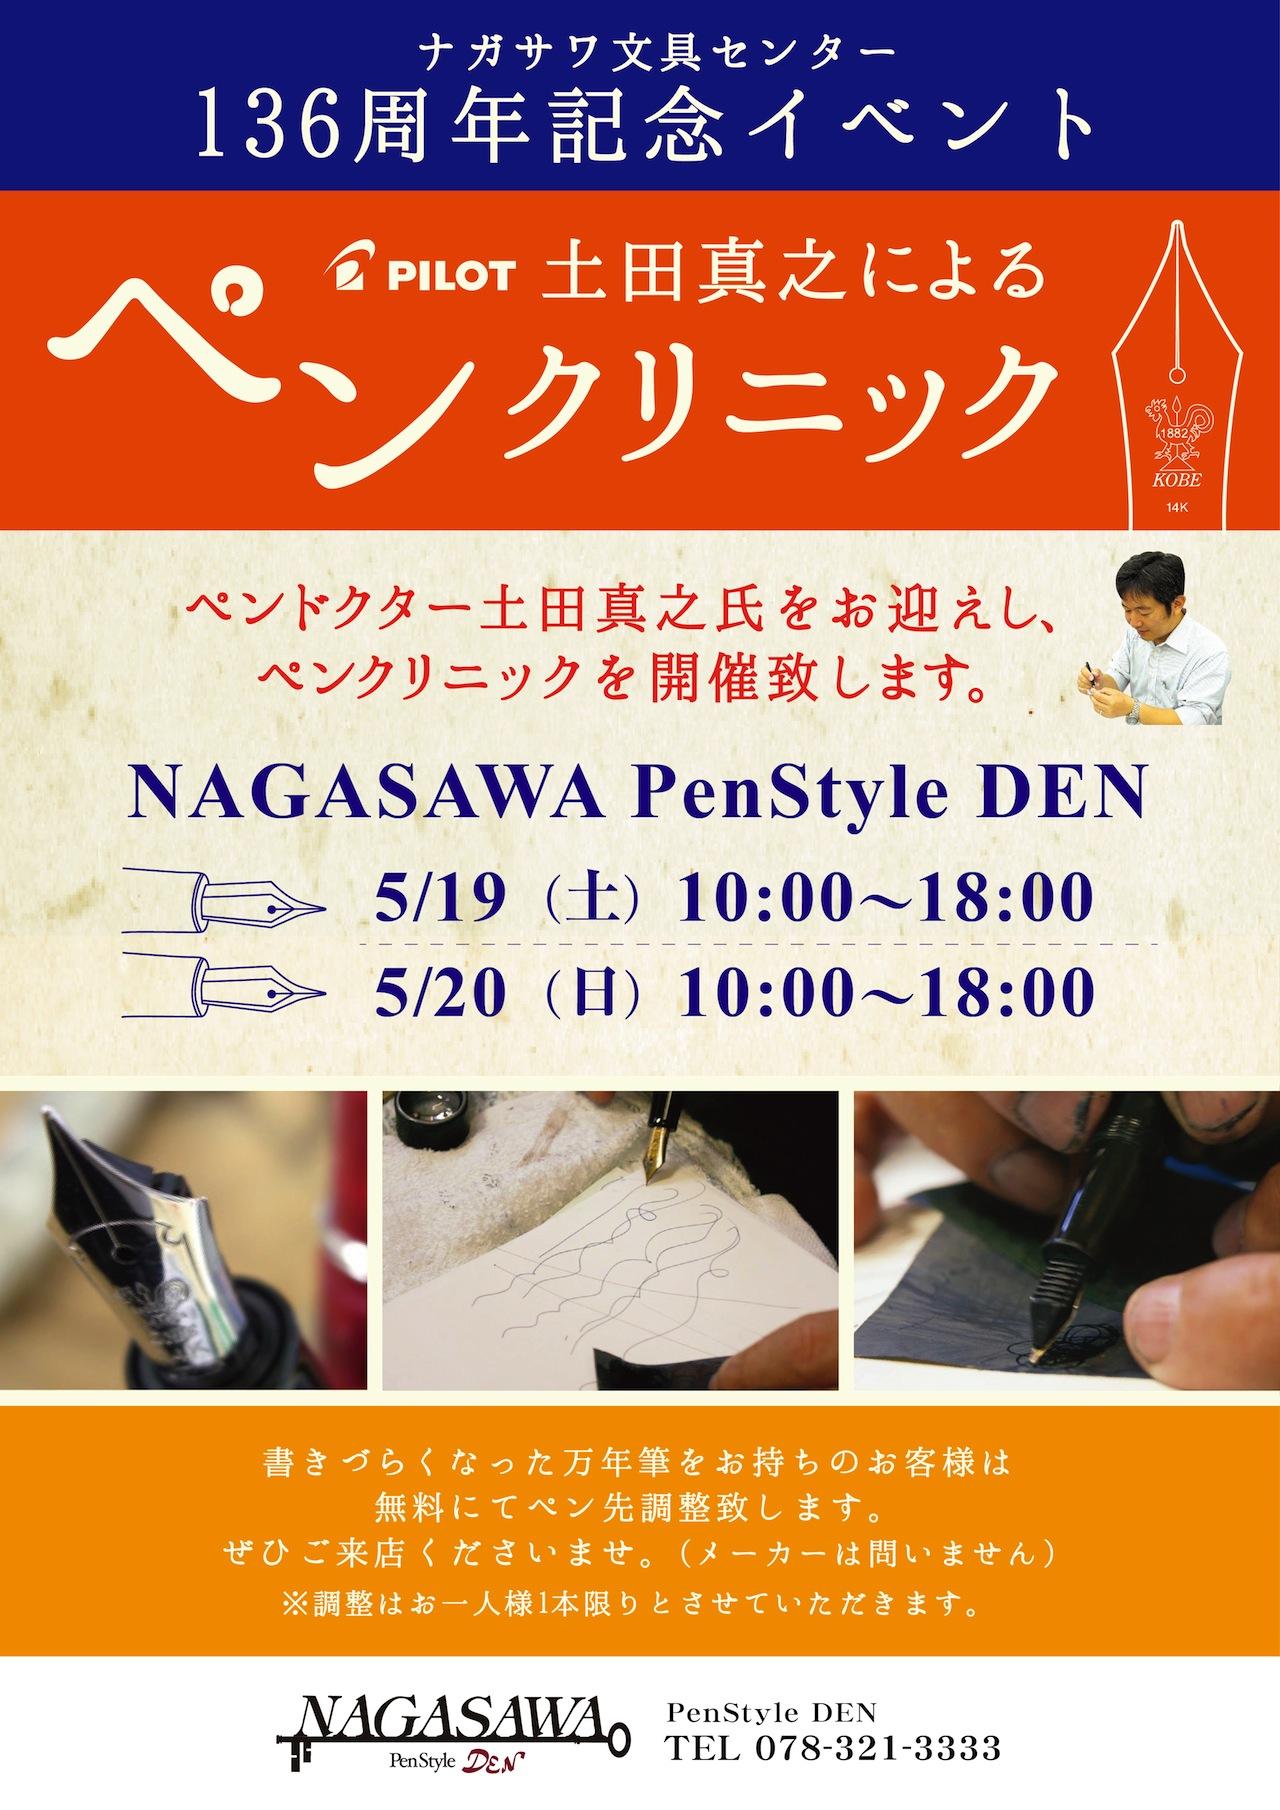 ペンドクター 土田真之によるペンクリニック |NAGASAWA PenStyle DEN